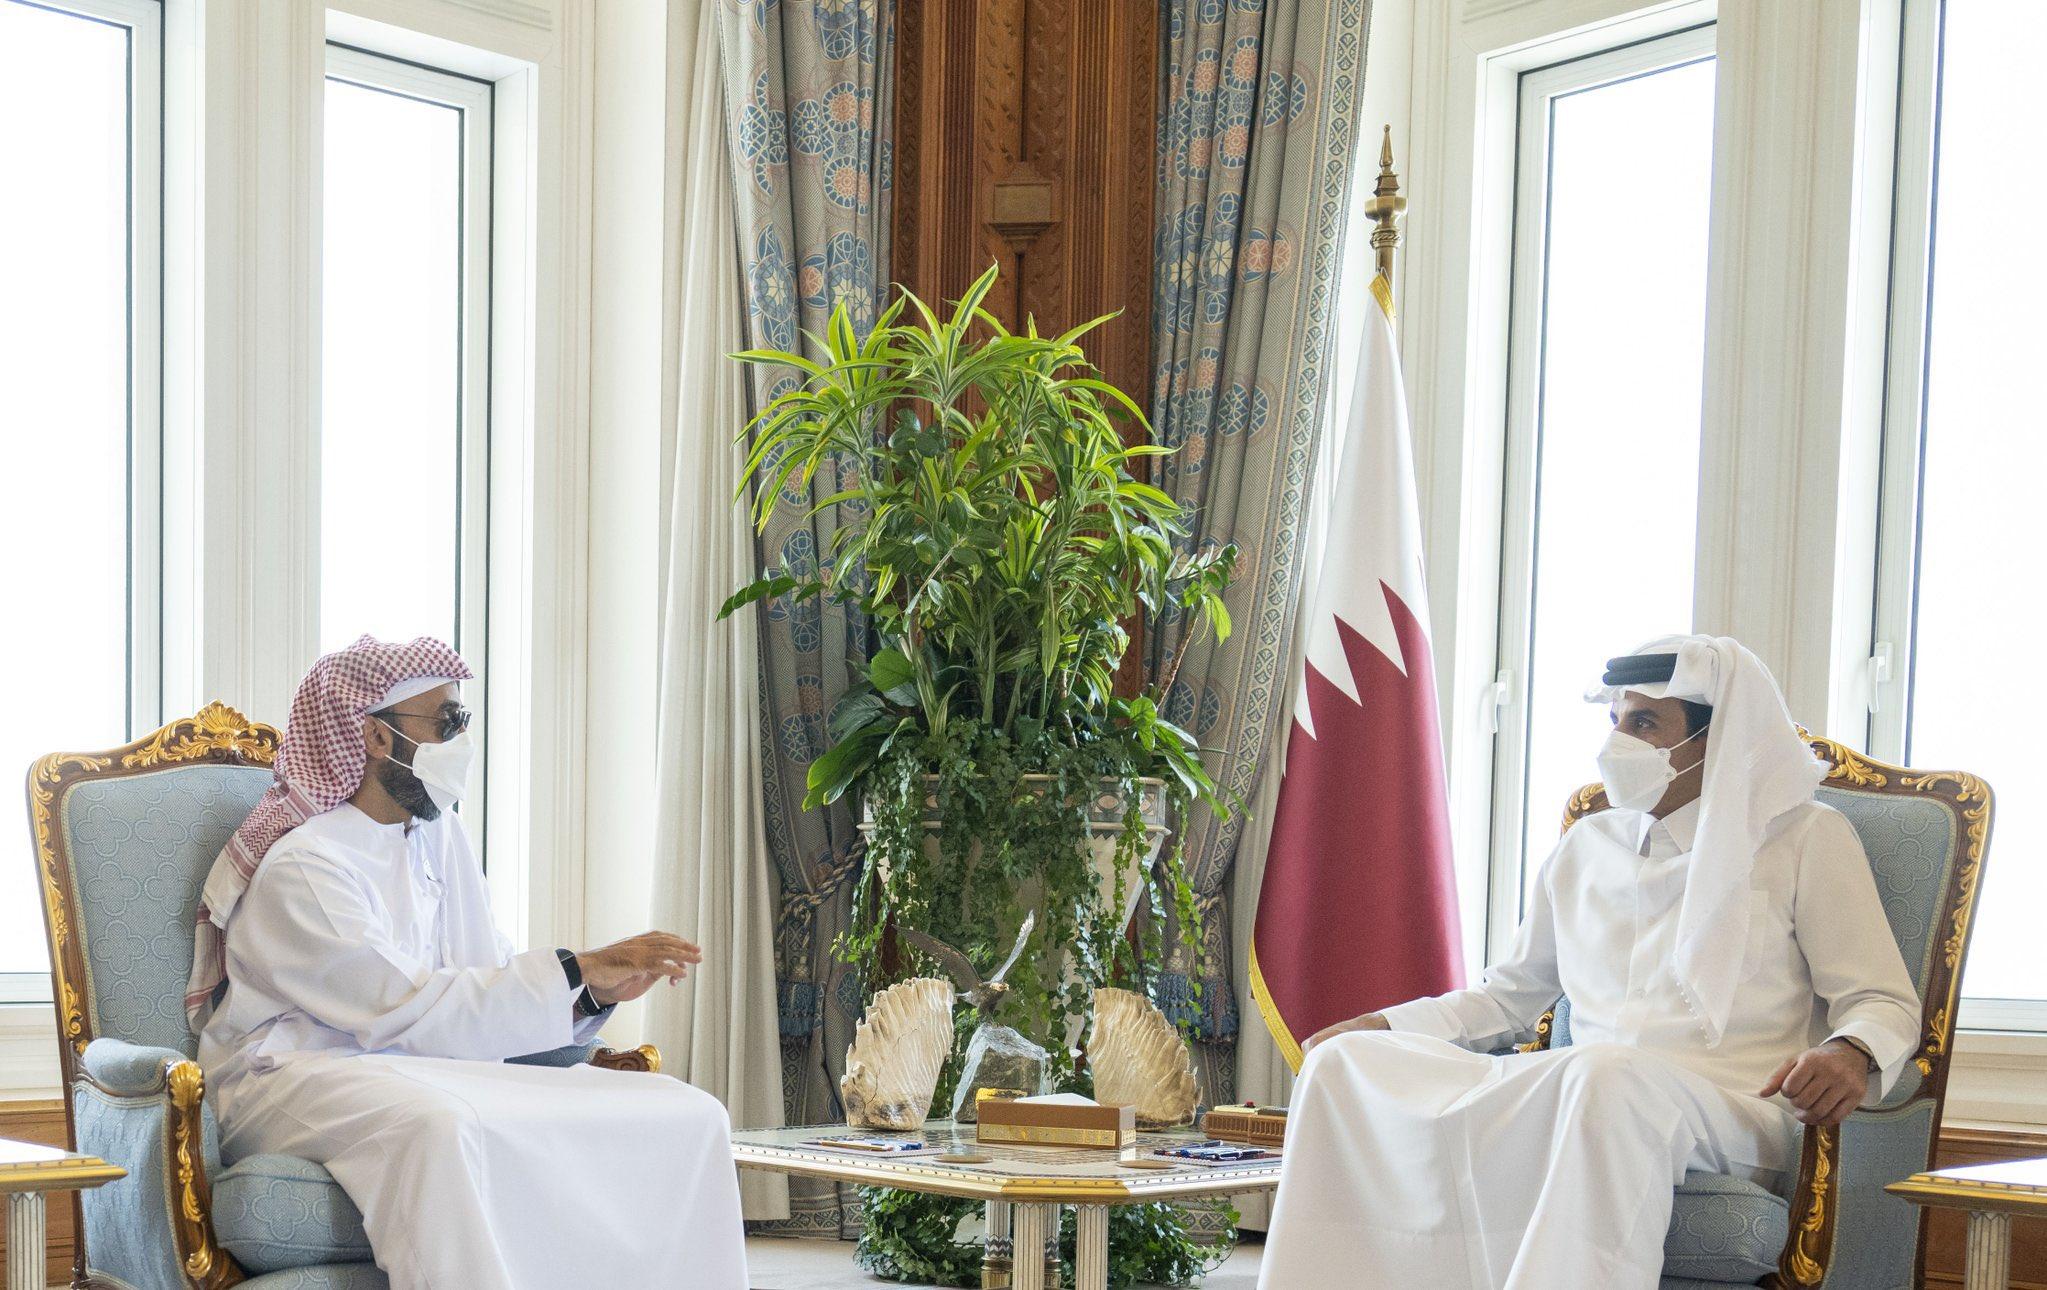 طحنون بن زايد التقى أمير قطر ونقل له هذه الرسالة من شقيقه محمد وأنور قرقاش يعلق